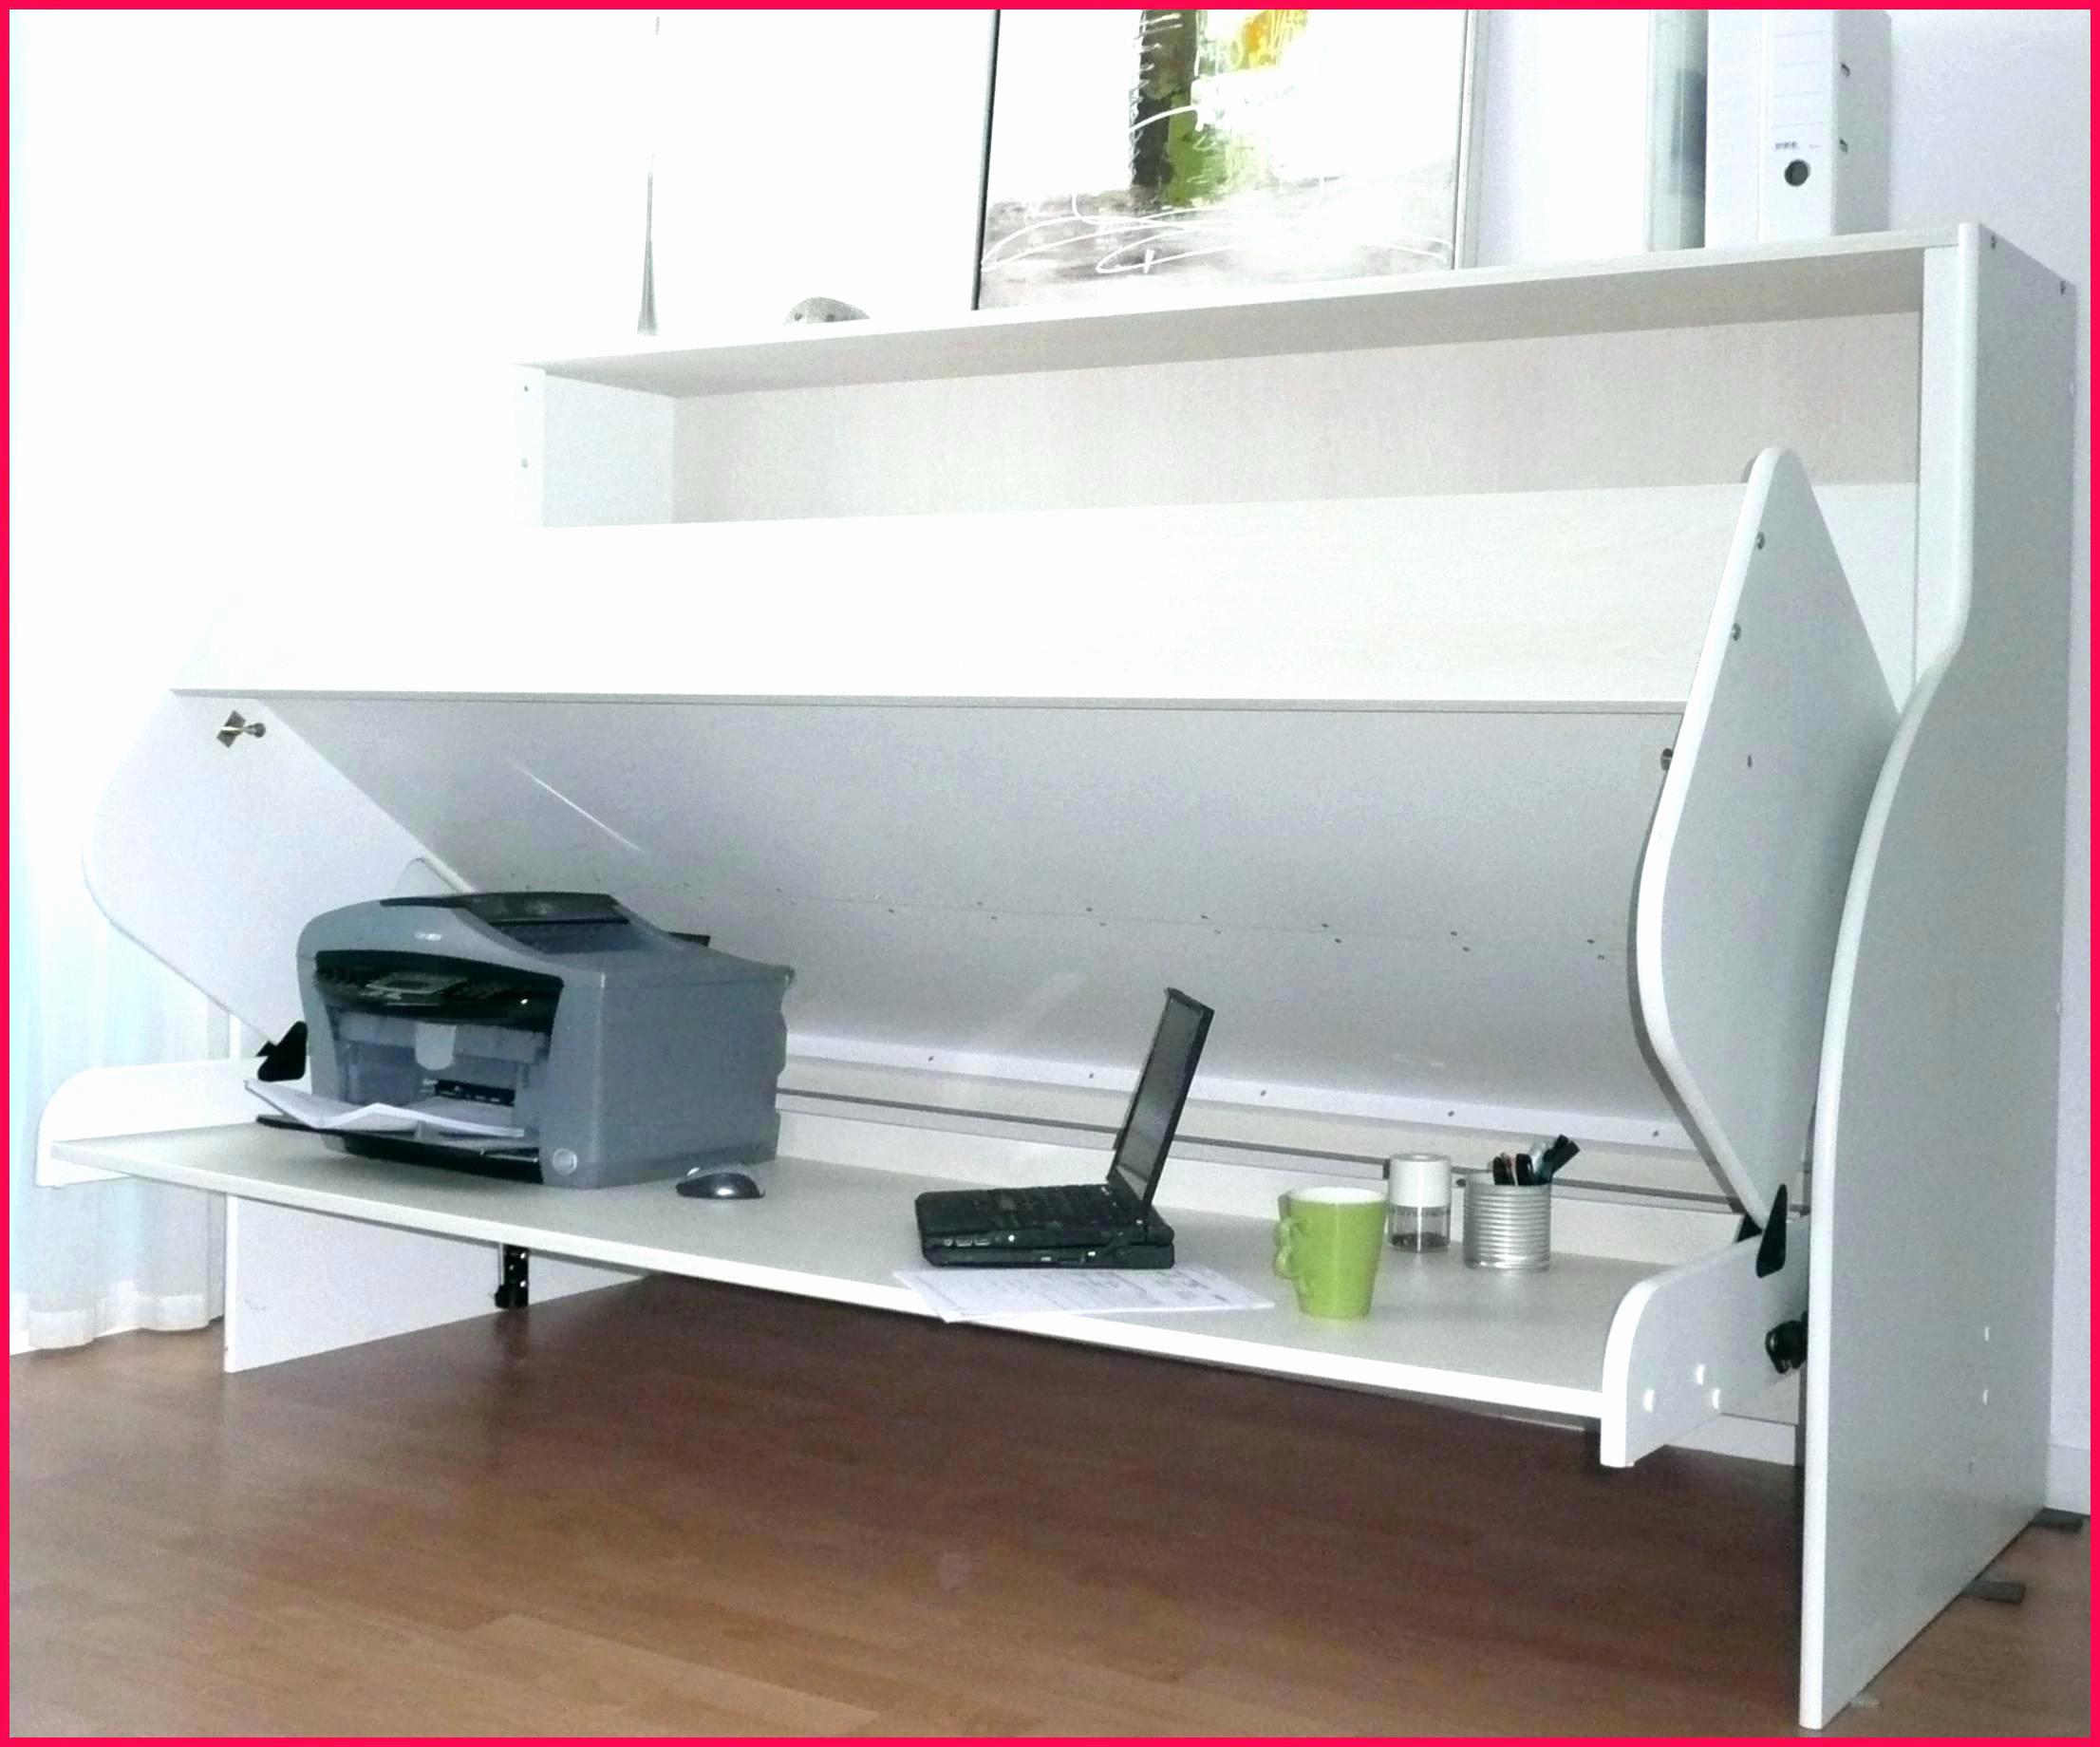 Lit Canapé Escamotable Ikea Inspirant Collection Mini Canapé Pour Chambre Unique Lit En Hauteur Conforama 19 Superpos